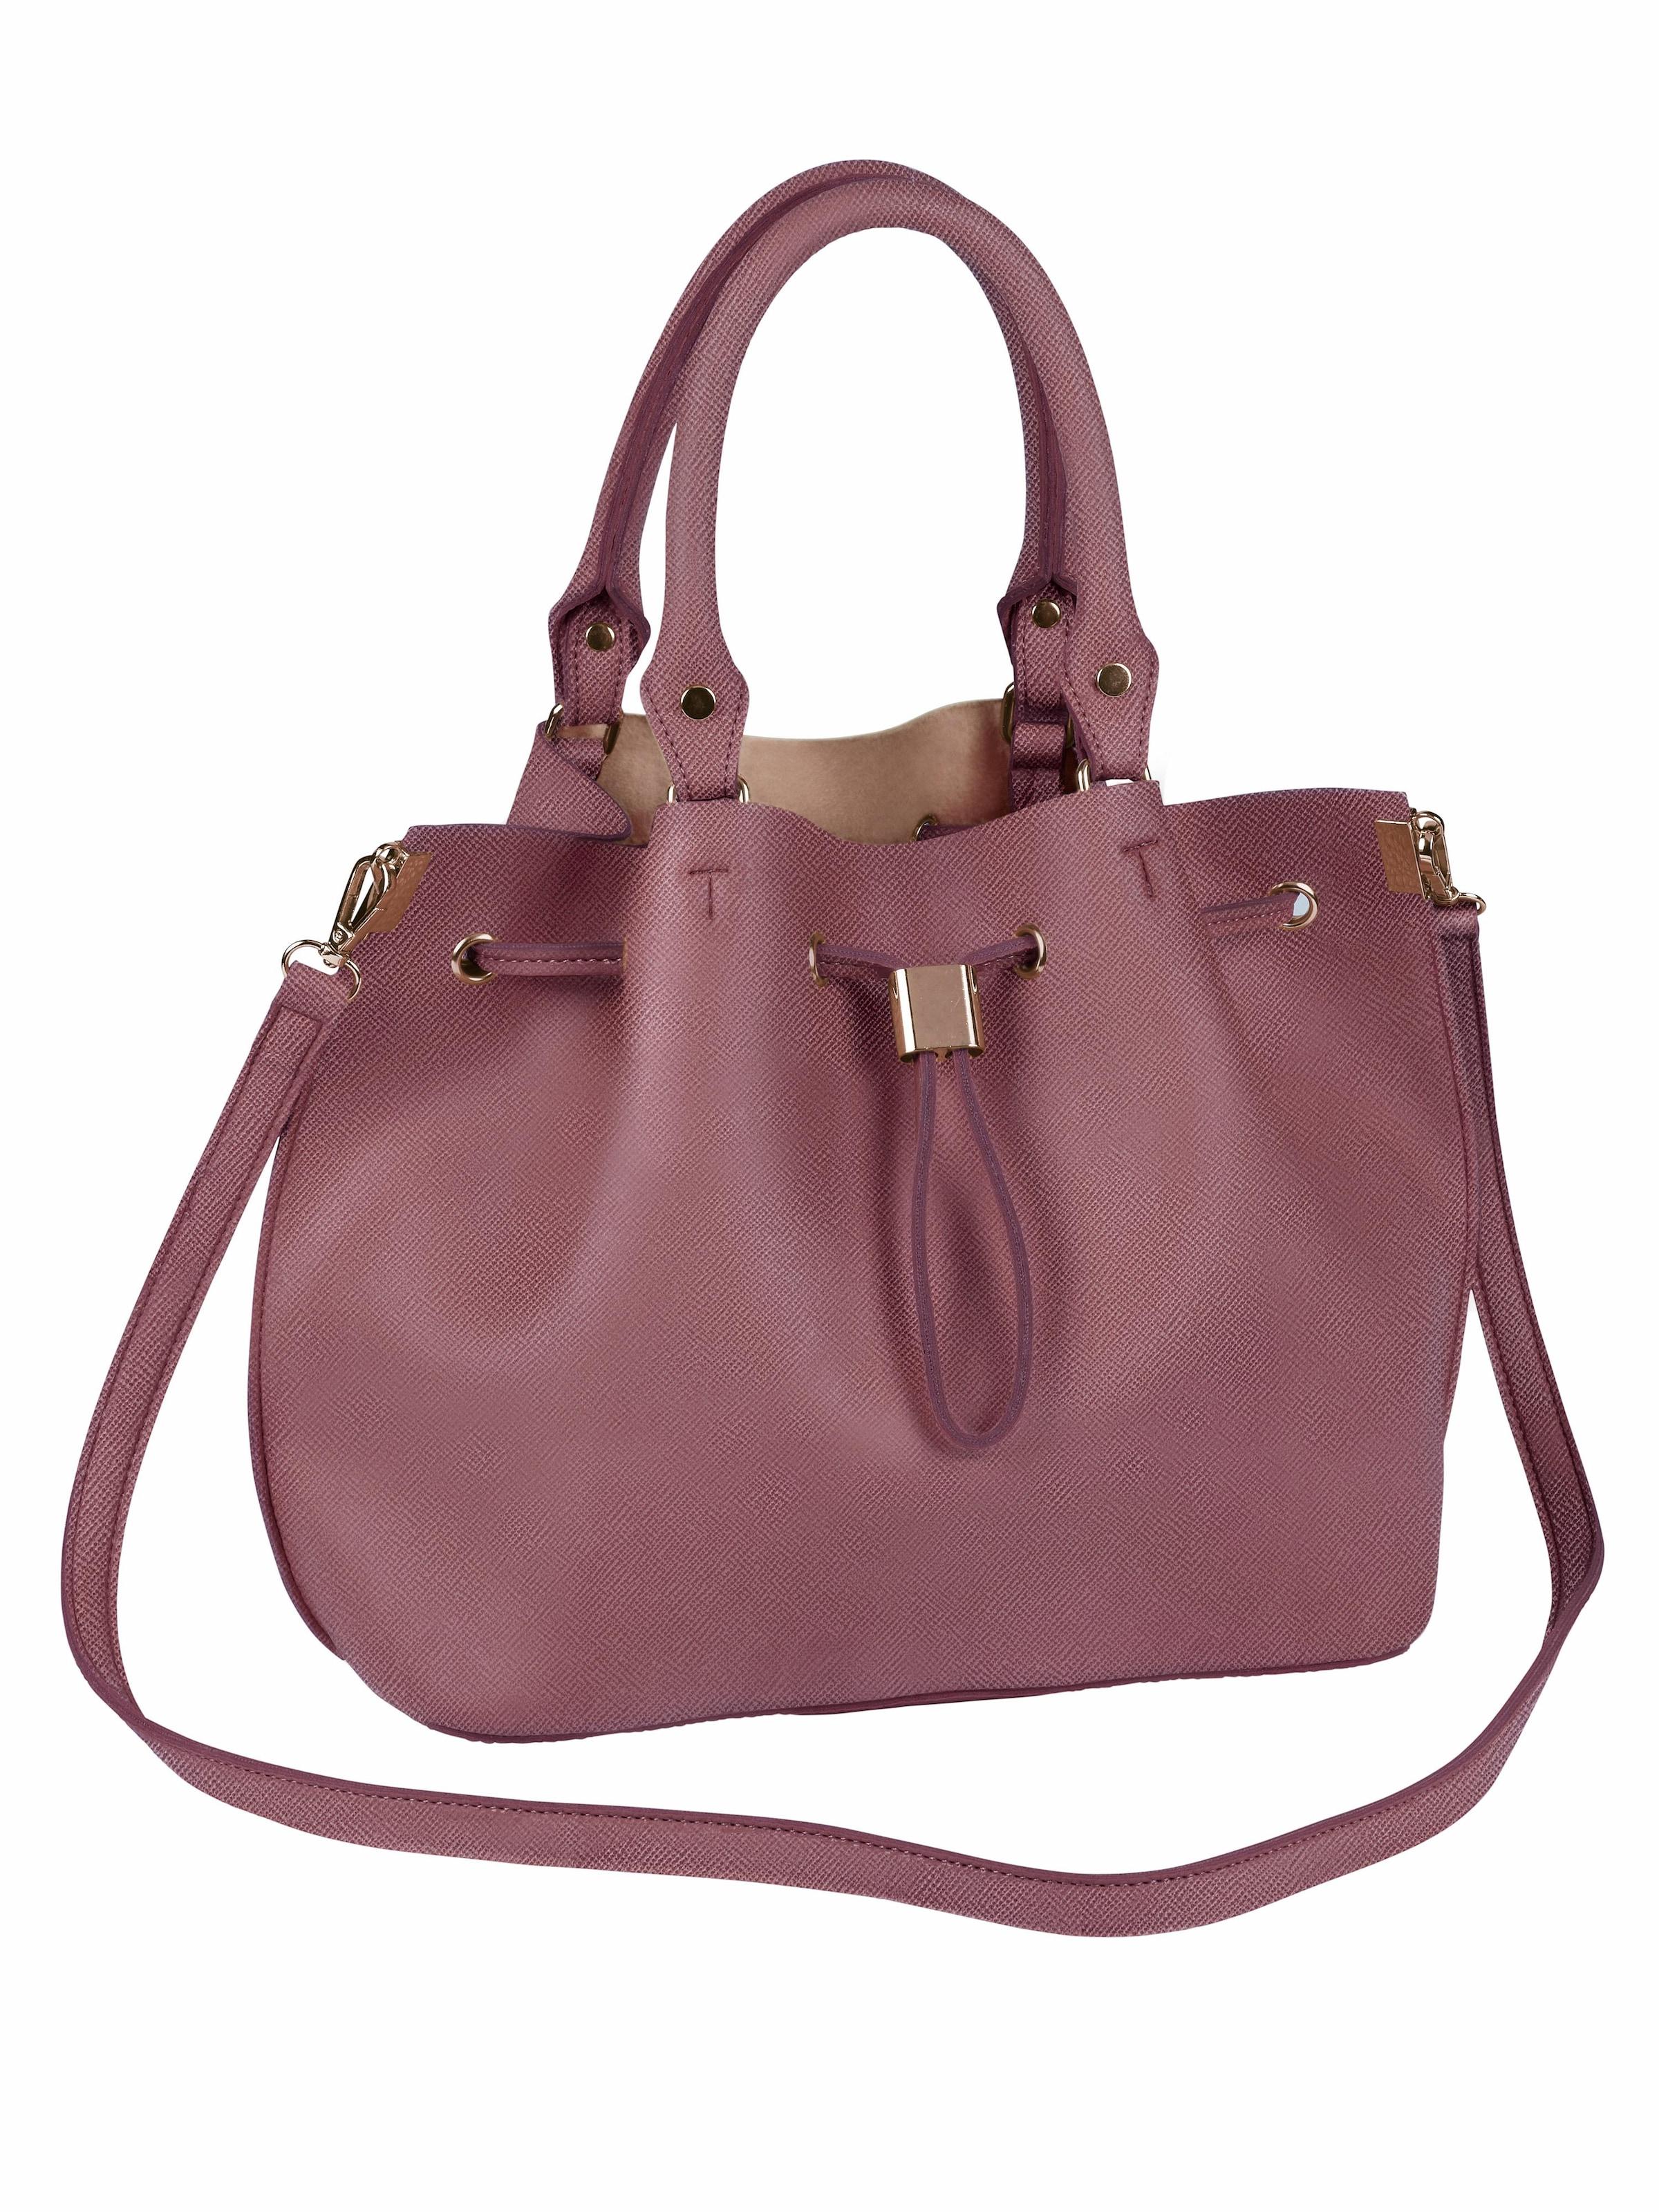 Kaufen Sie Günstig Online Einkaufen Billig Vermarktbare heine Tasche in zweifarbigkeit Bestseller Verkauf Online Billige Angebote VZ7JUg